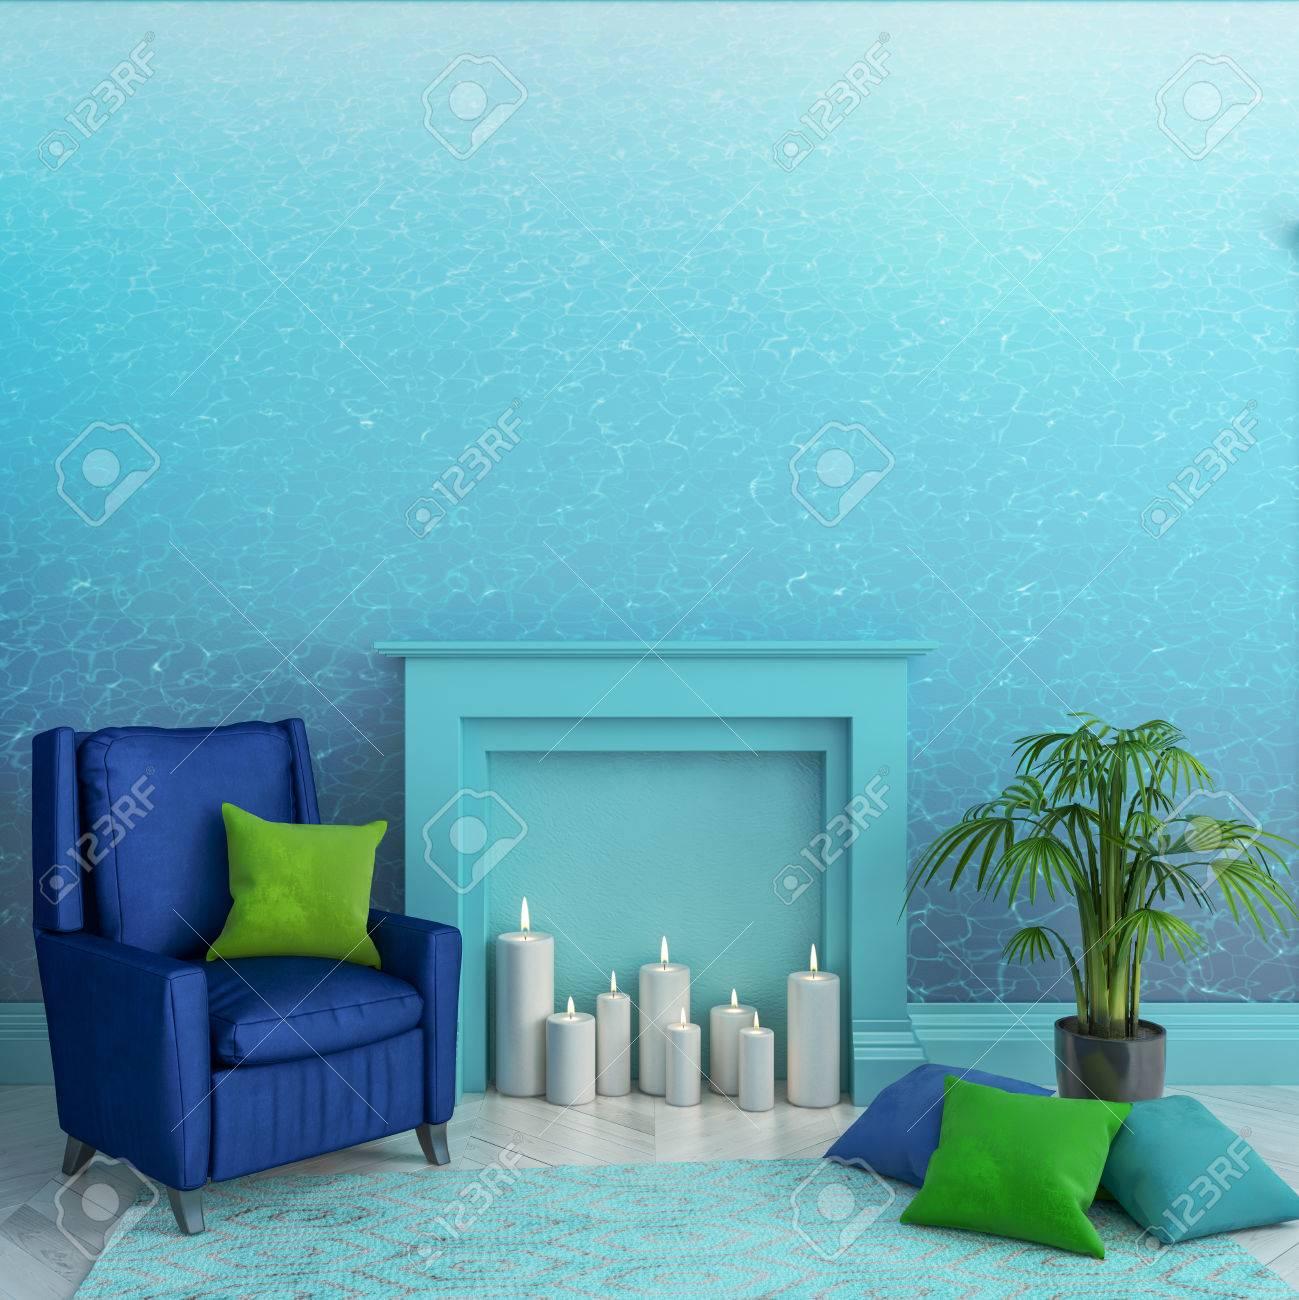 壁 暖炉 キャンドル アームチェア 枕 カーペット 植物に青い水テクスチャー壁紙と空の部屋 北欧のインテリア モックアップを作成します 3 D レンダリング図 の写真素材 画像素材 Image